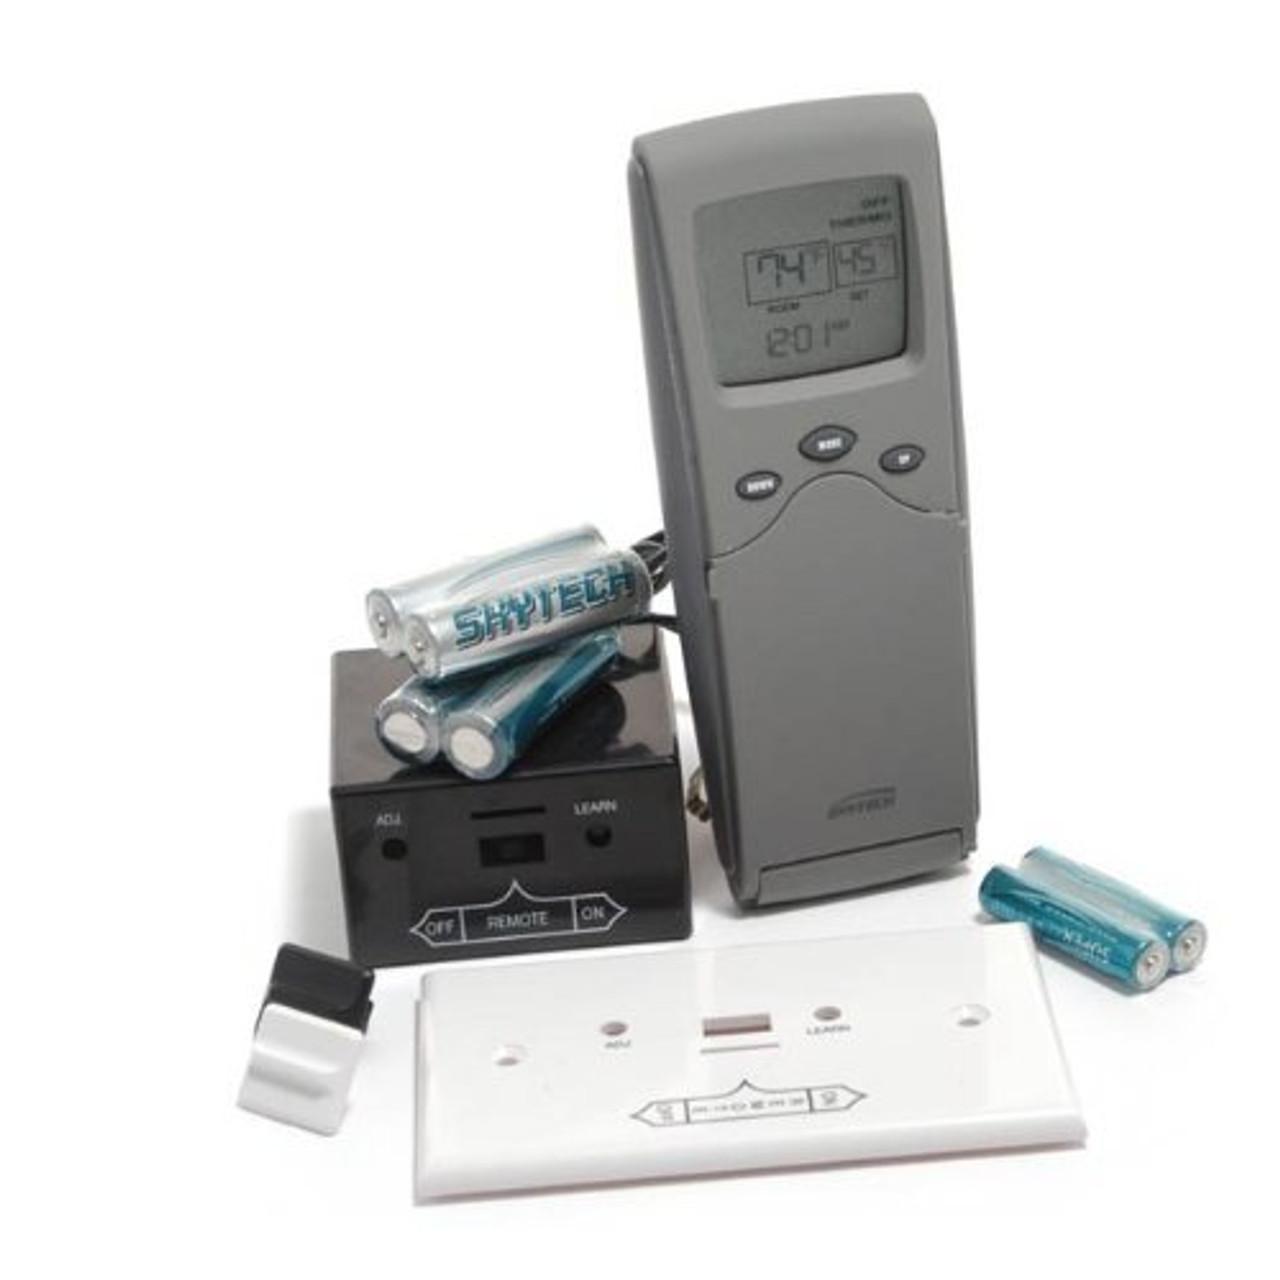 Skytech 3301 Thermostat Fireplace Remote